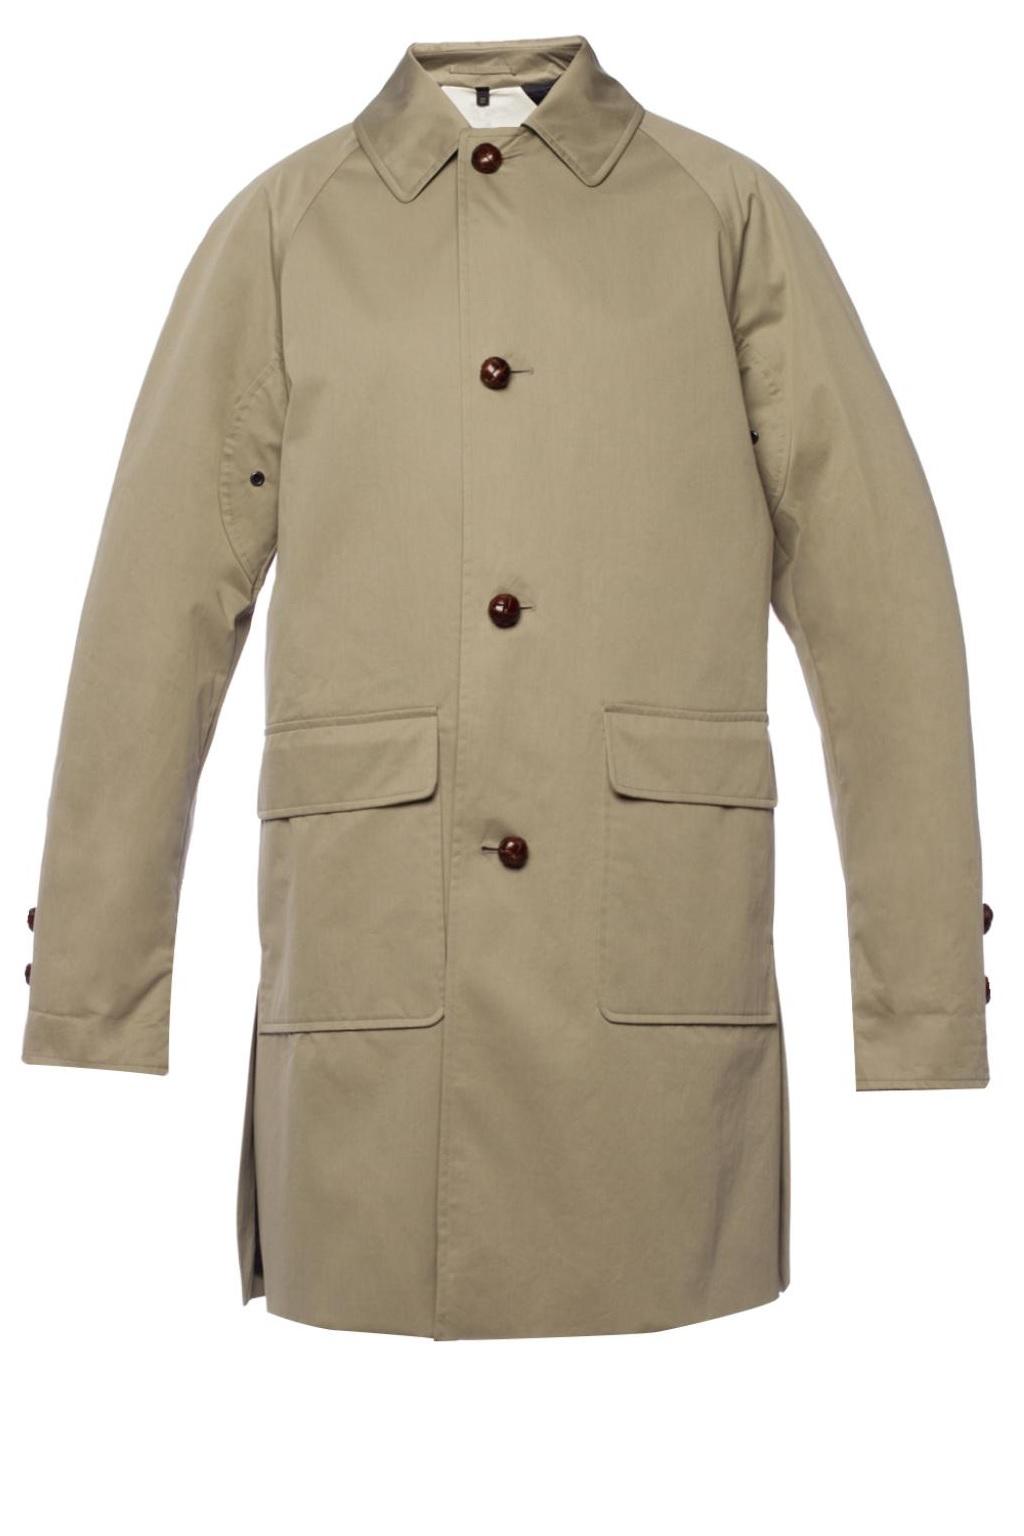 Burberry Ladies Reissued Gabardine Car Coat In Beige,brown